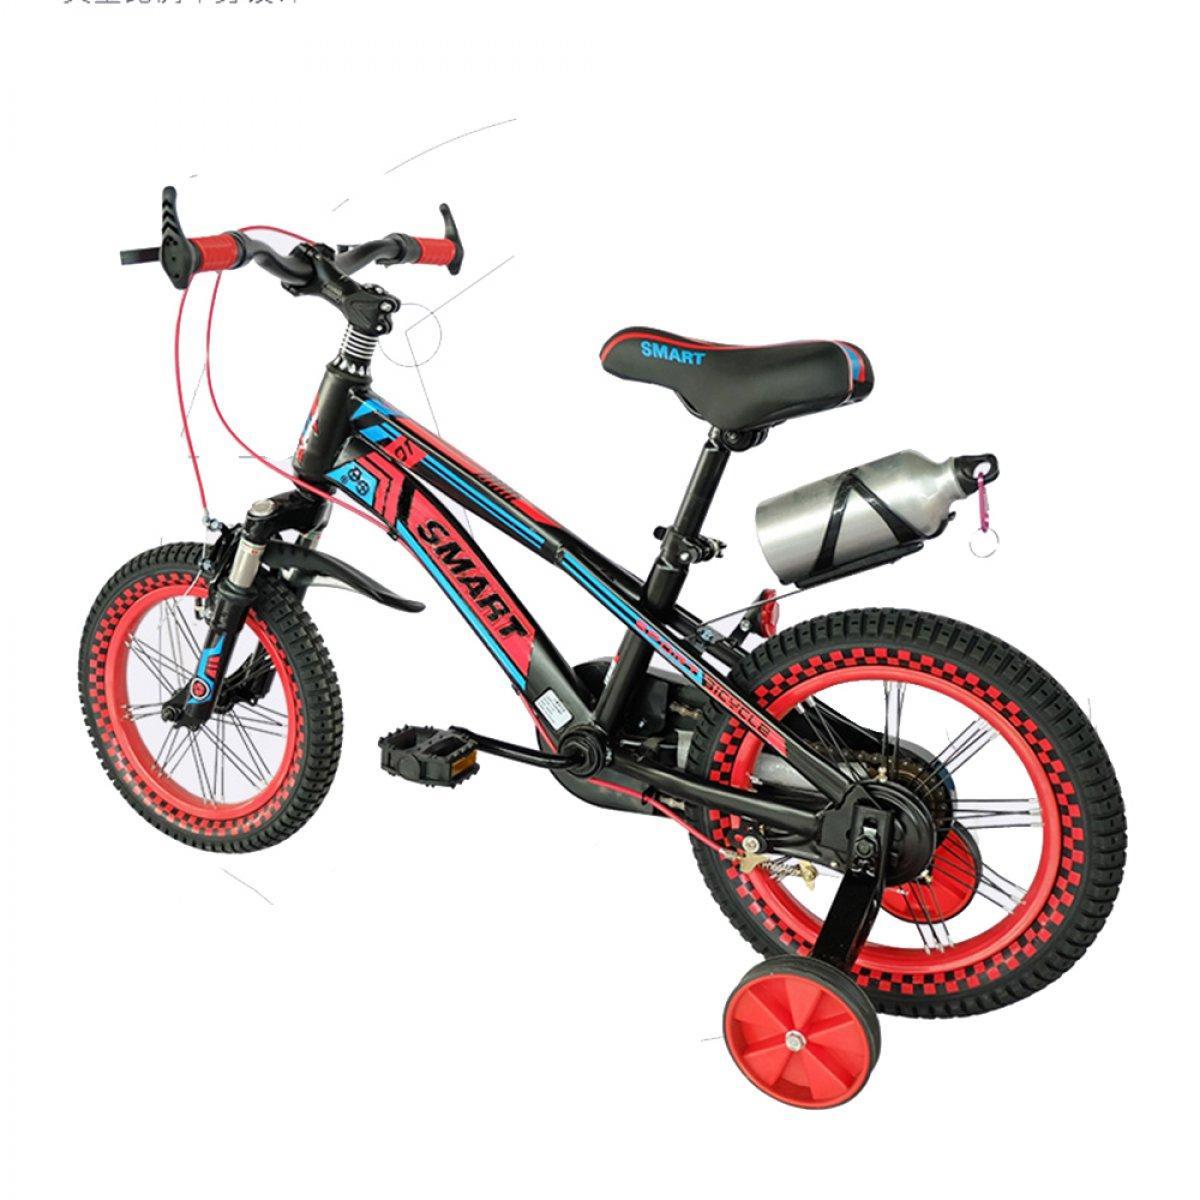 Giá bán Xe đạp địa hình trẻ em XD99, Xe đạp trẻ em, Xe đạp cho bé trai, Xe đạp địa hình